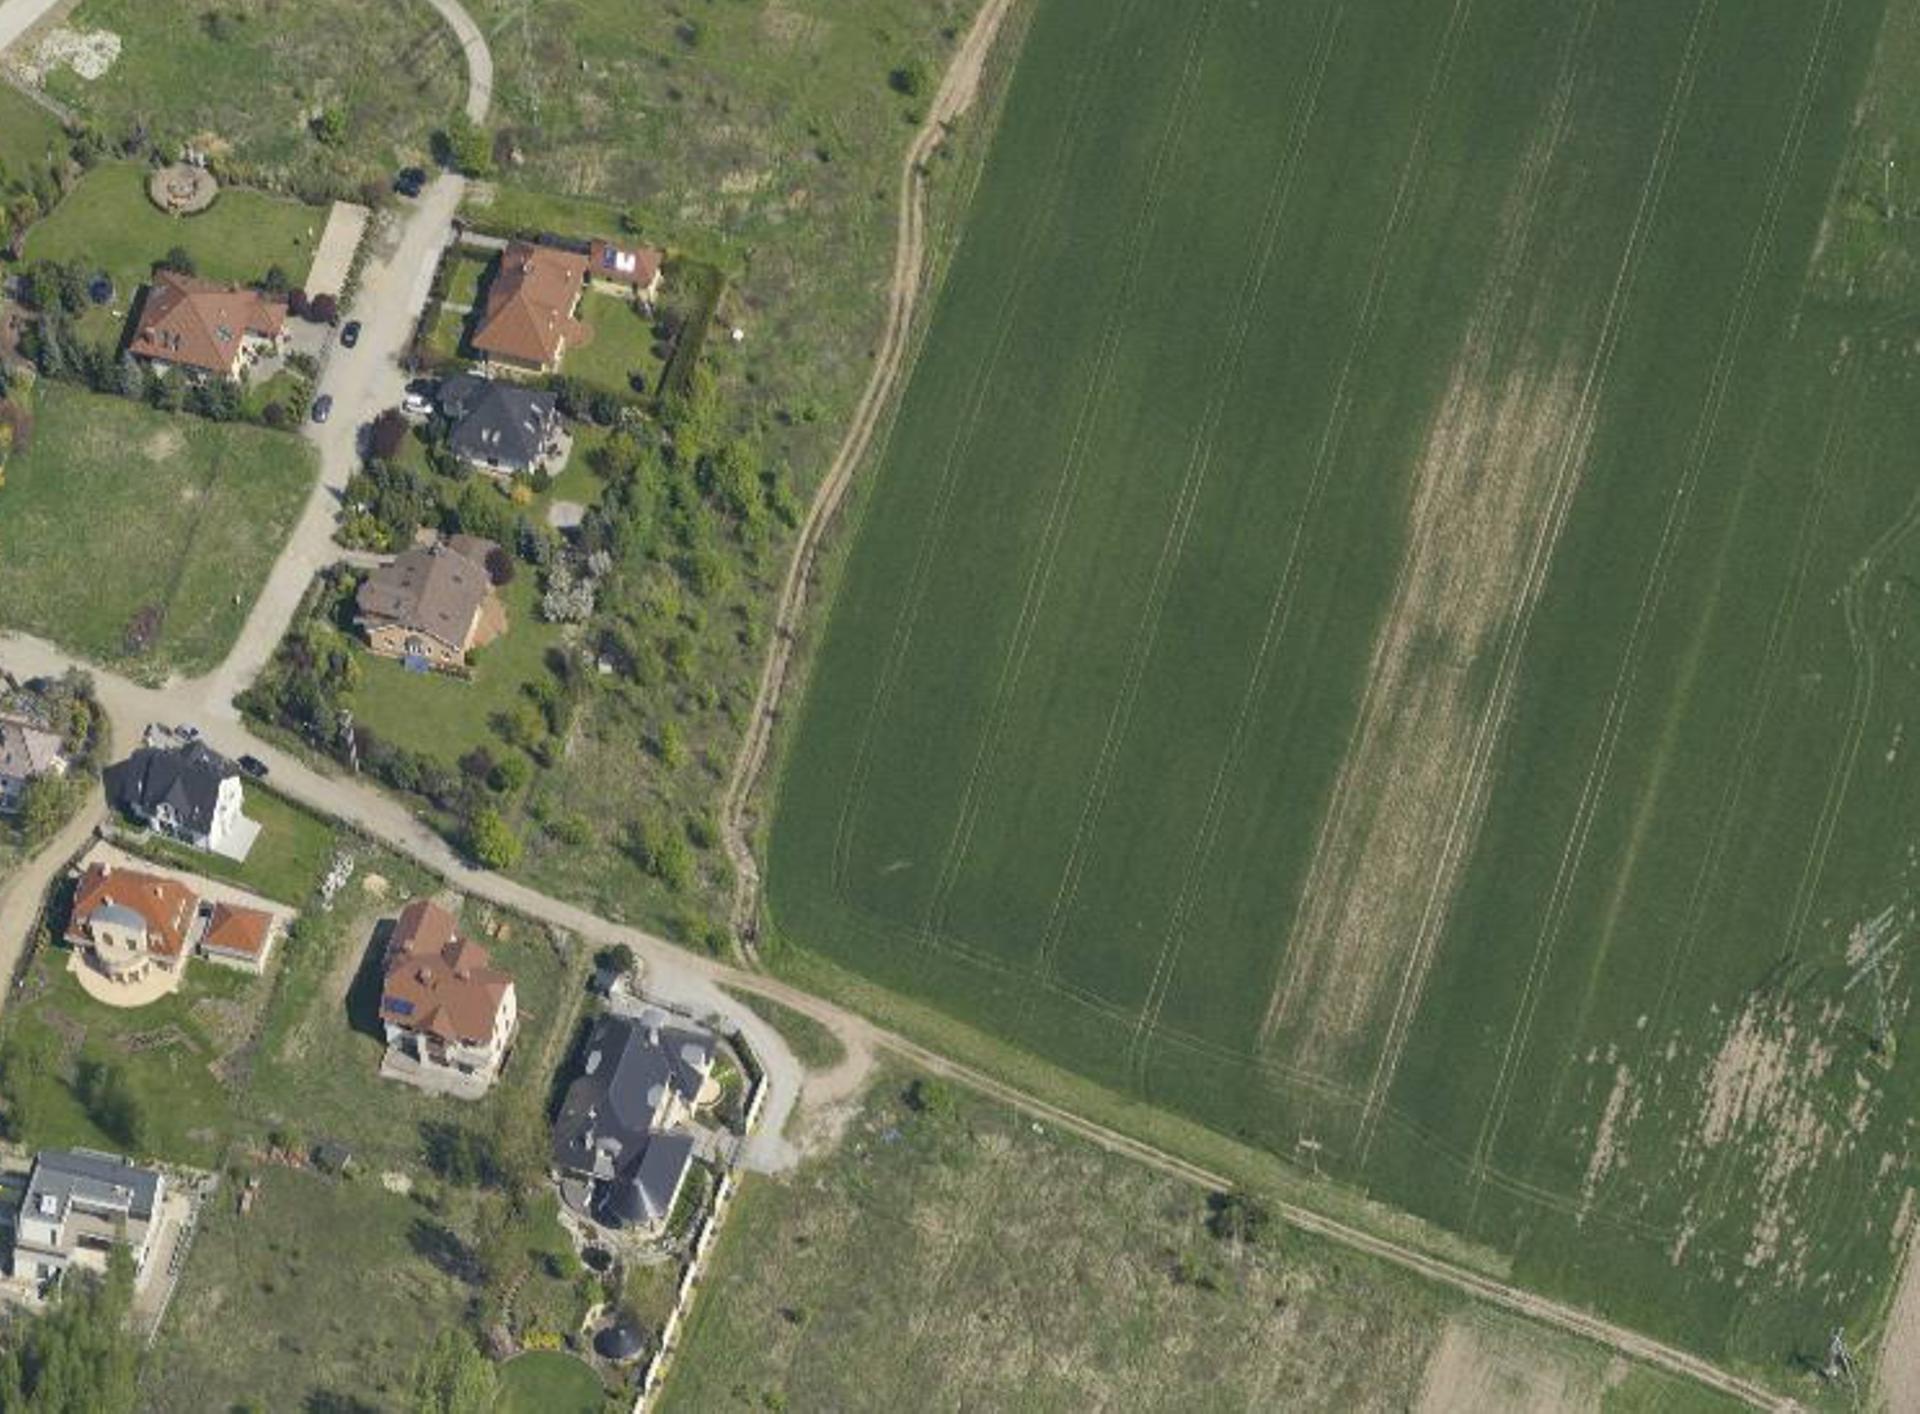 Wrocław: WPB wchodzi na Wojszyce z inwestycją mieszkaniową